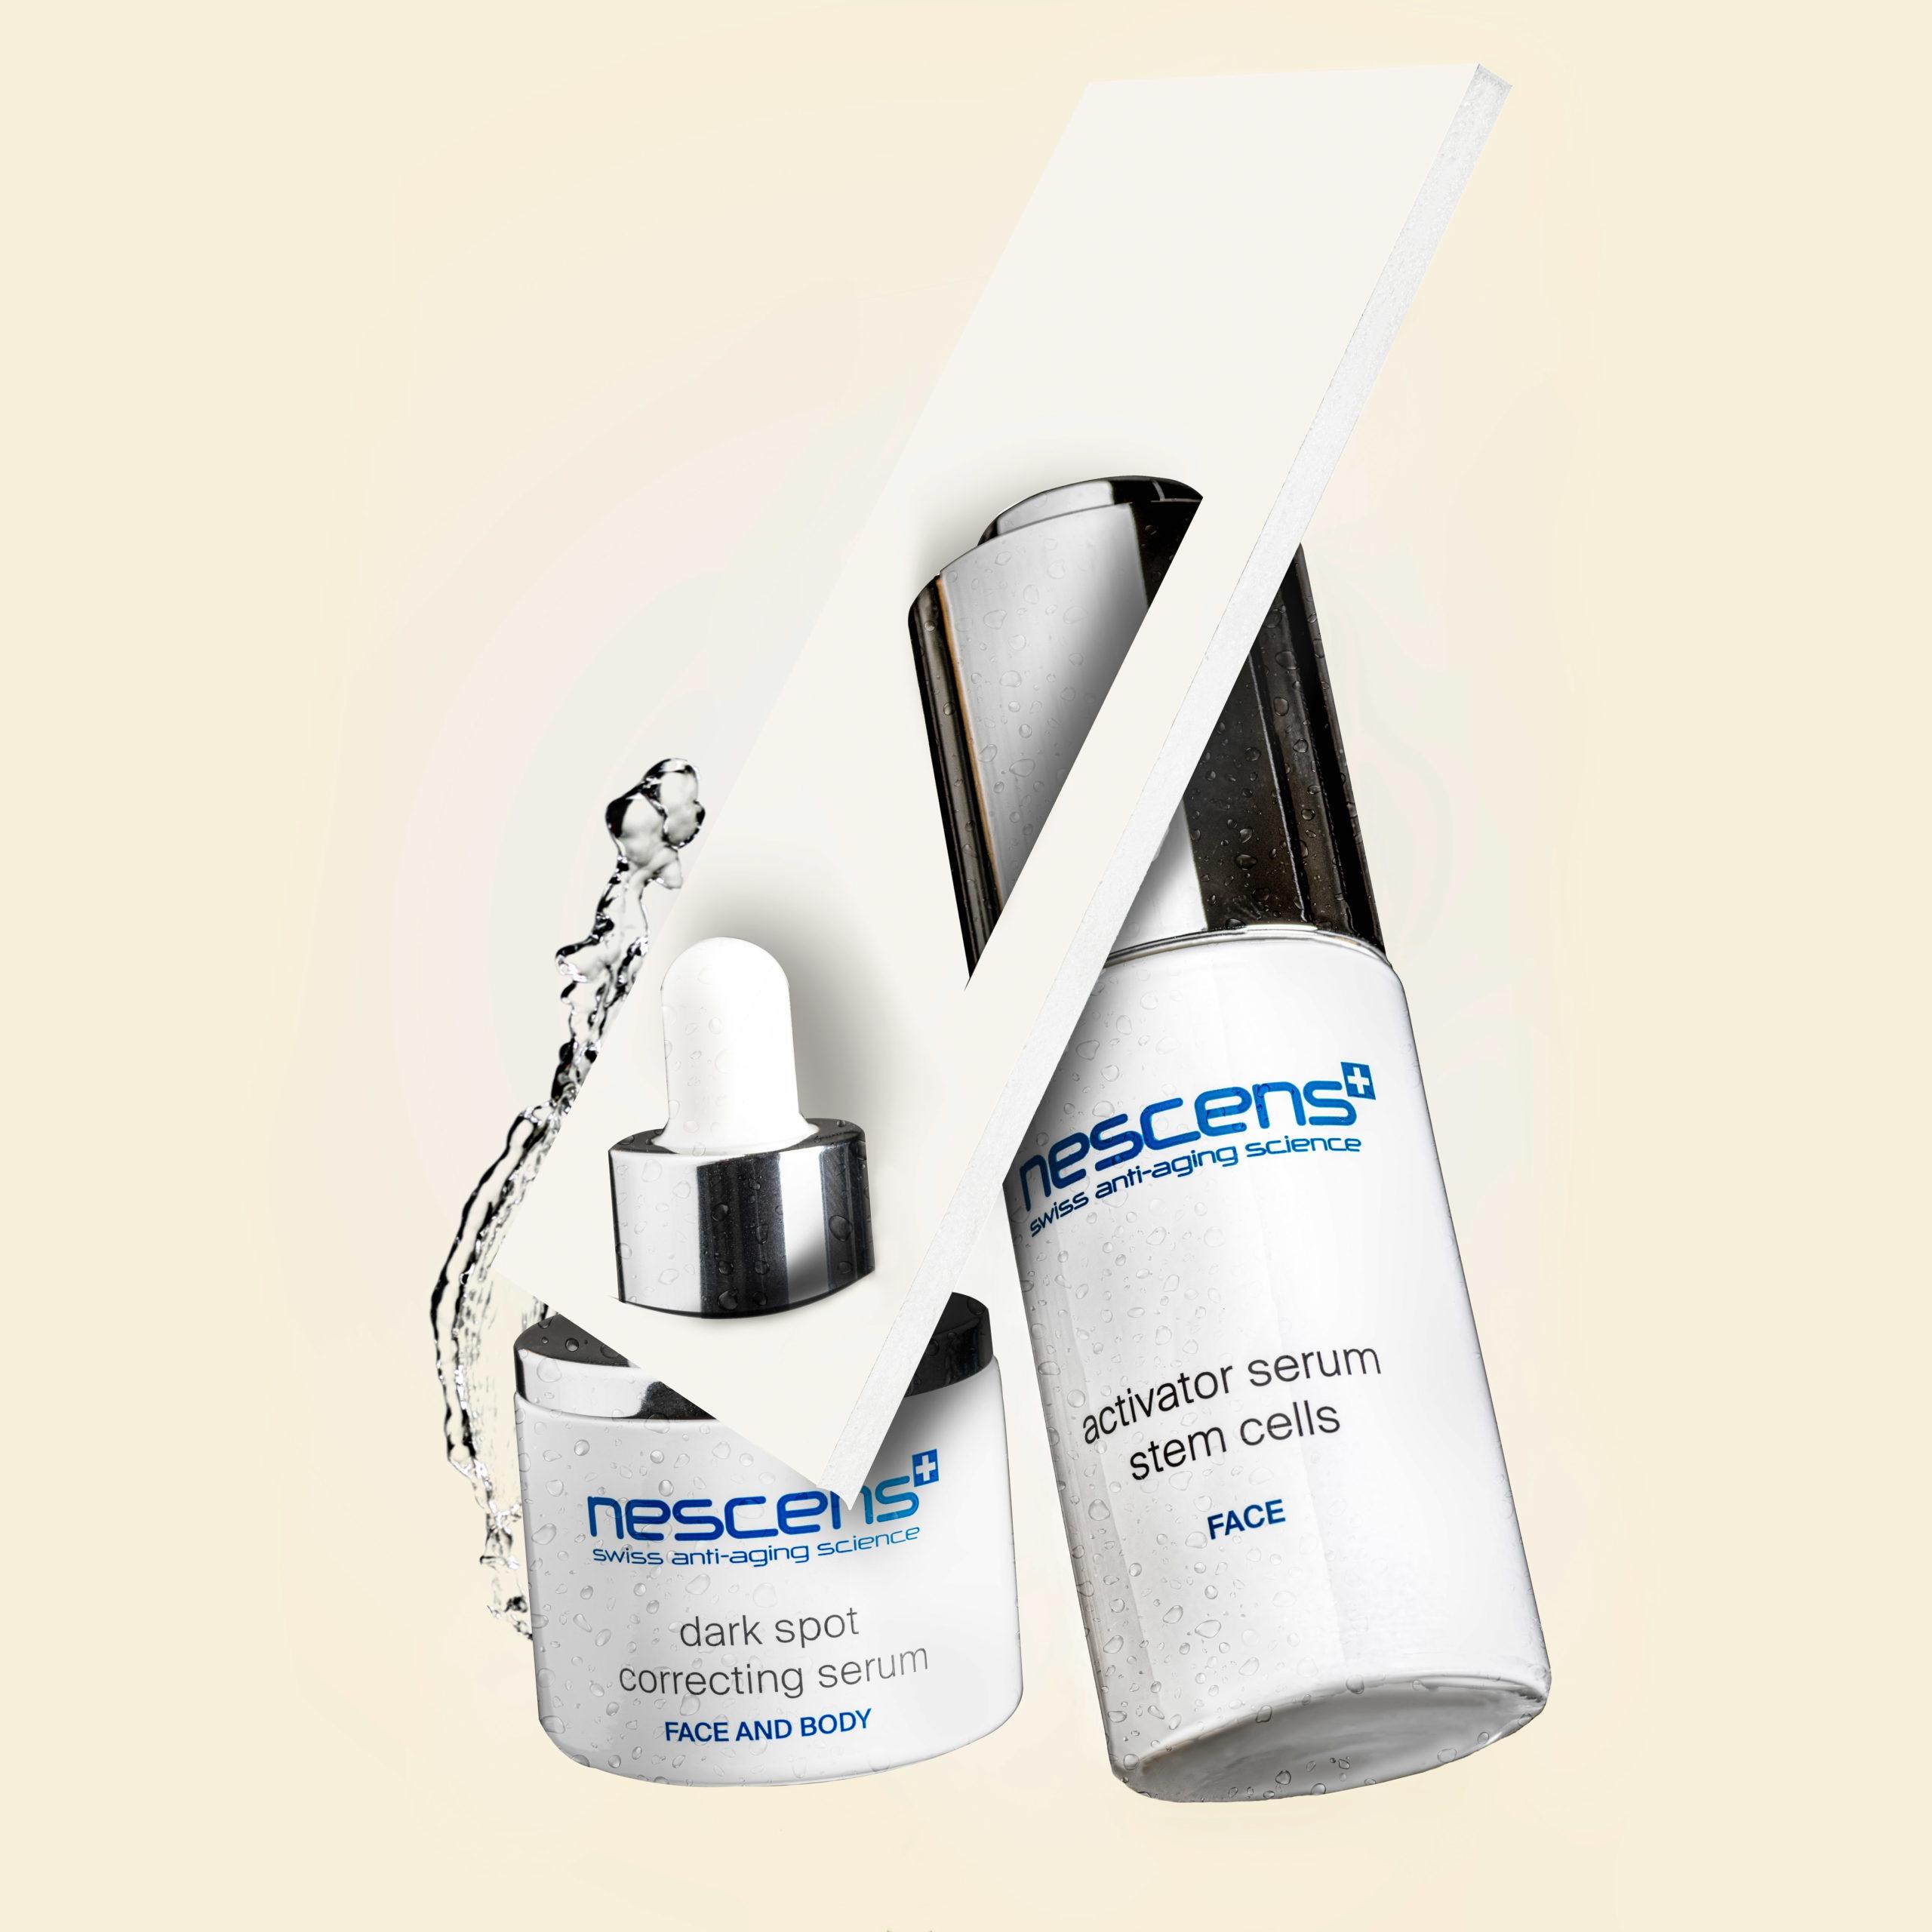 Ästhetische Bilder von Nescens Produkten 4